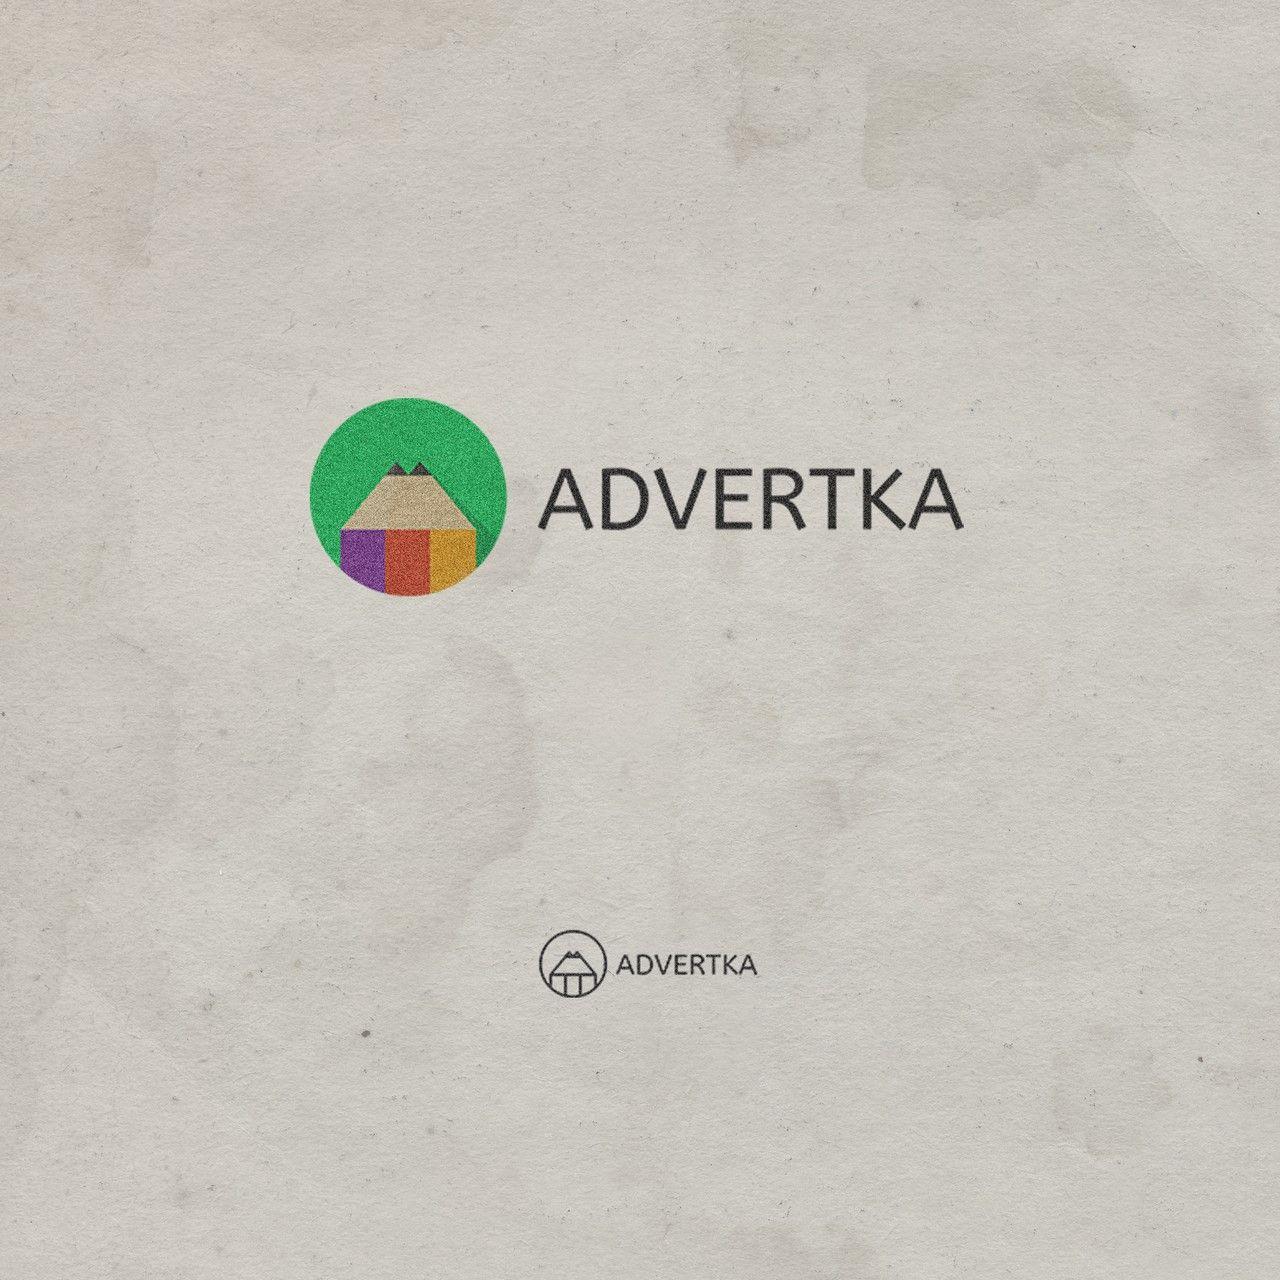 логотип для интернет агентства ADvertka - дизайнер traffikante